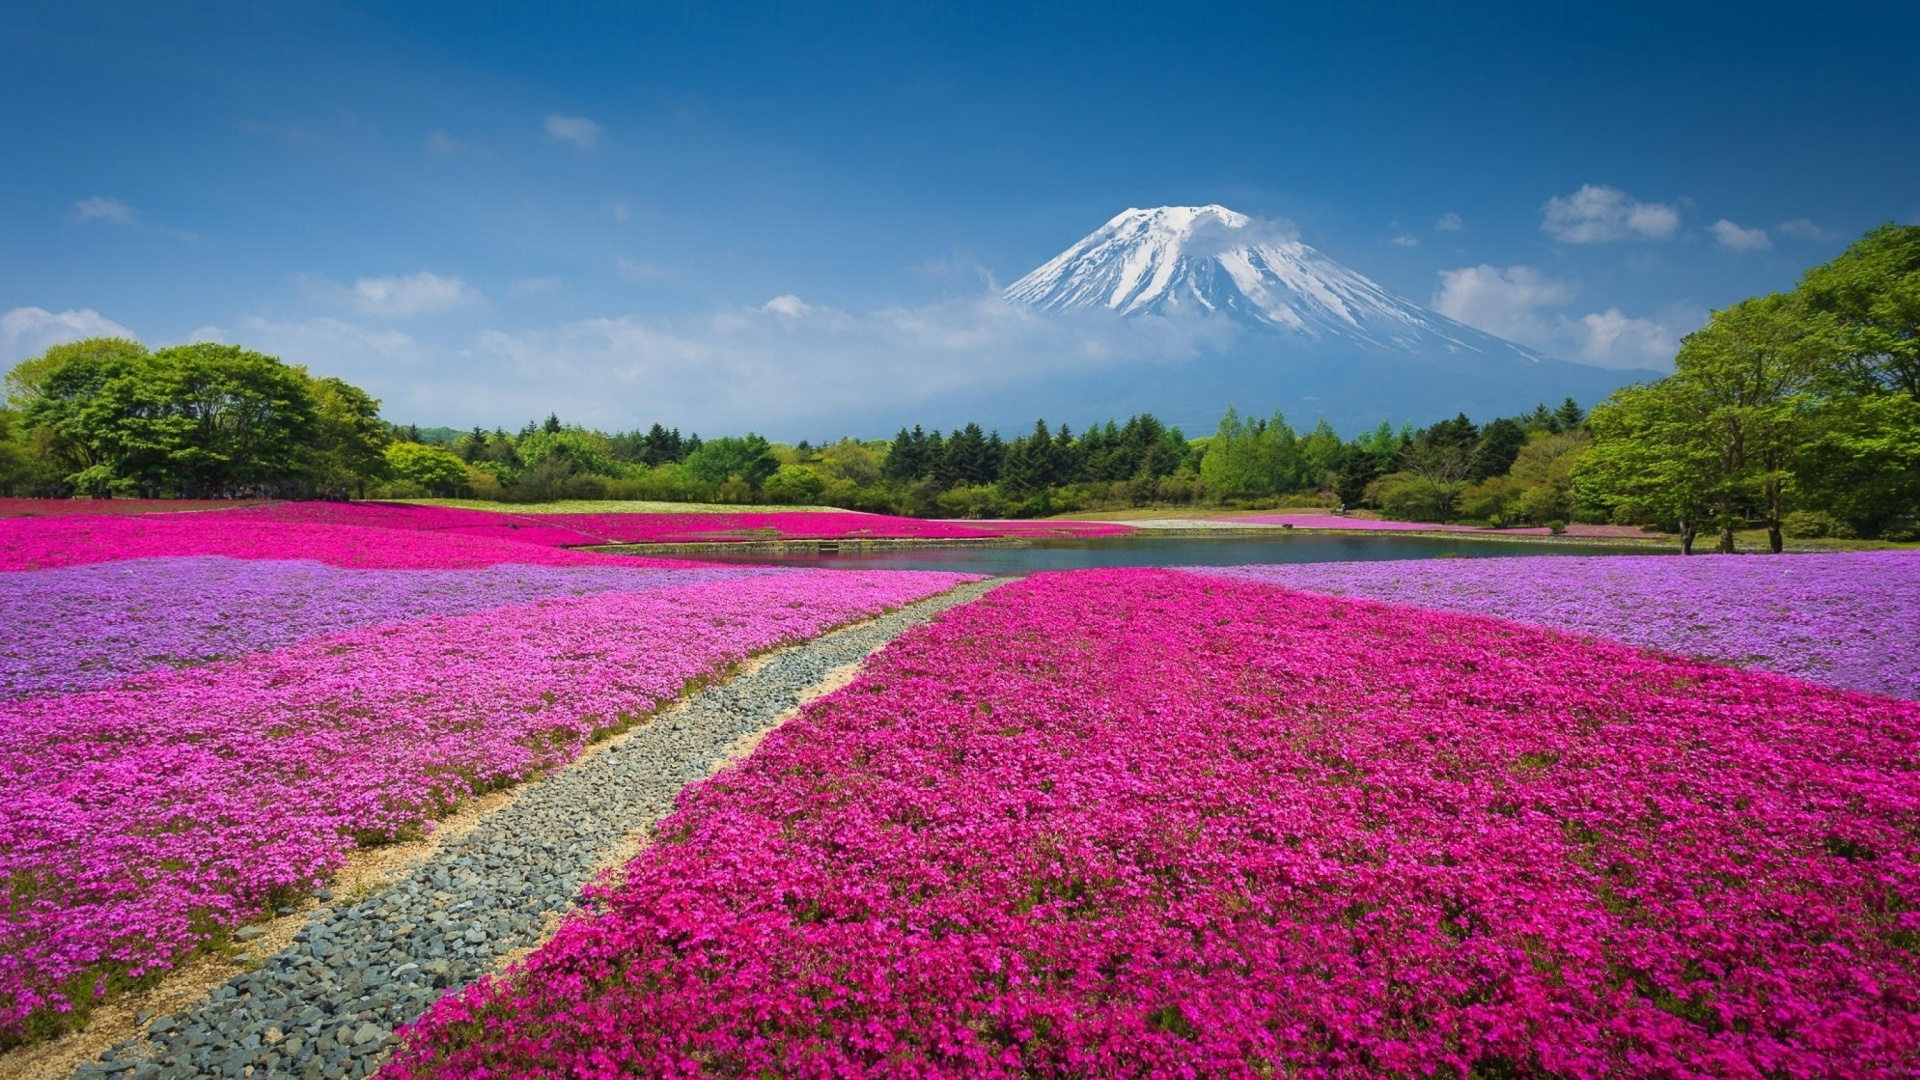 Japanese volcano in spring wallpaper for desktop 1920x1080 for Sfondi desktop primavera gratis